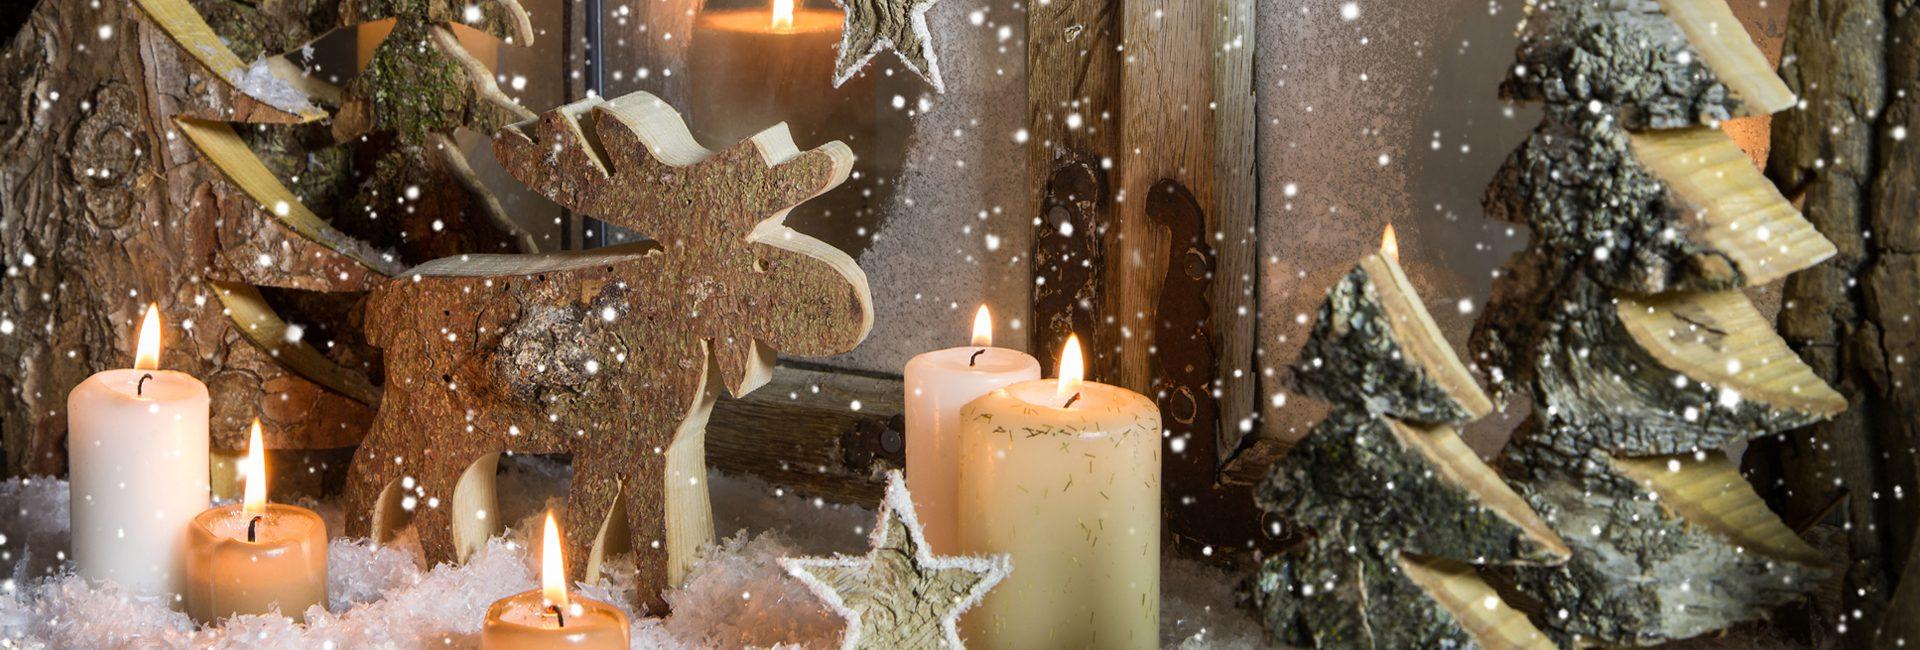 Weihnachtliche Holzdekoration selber machen